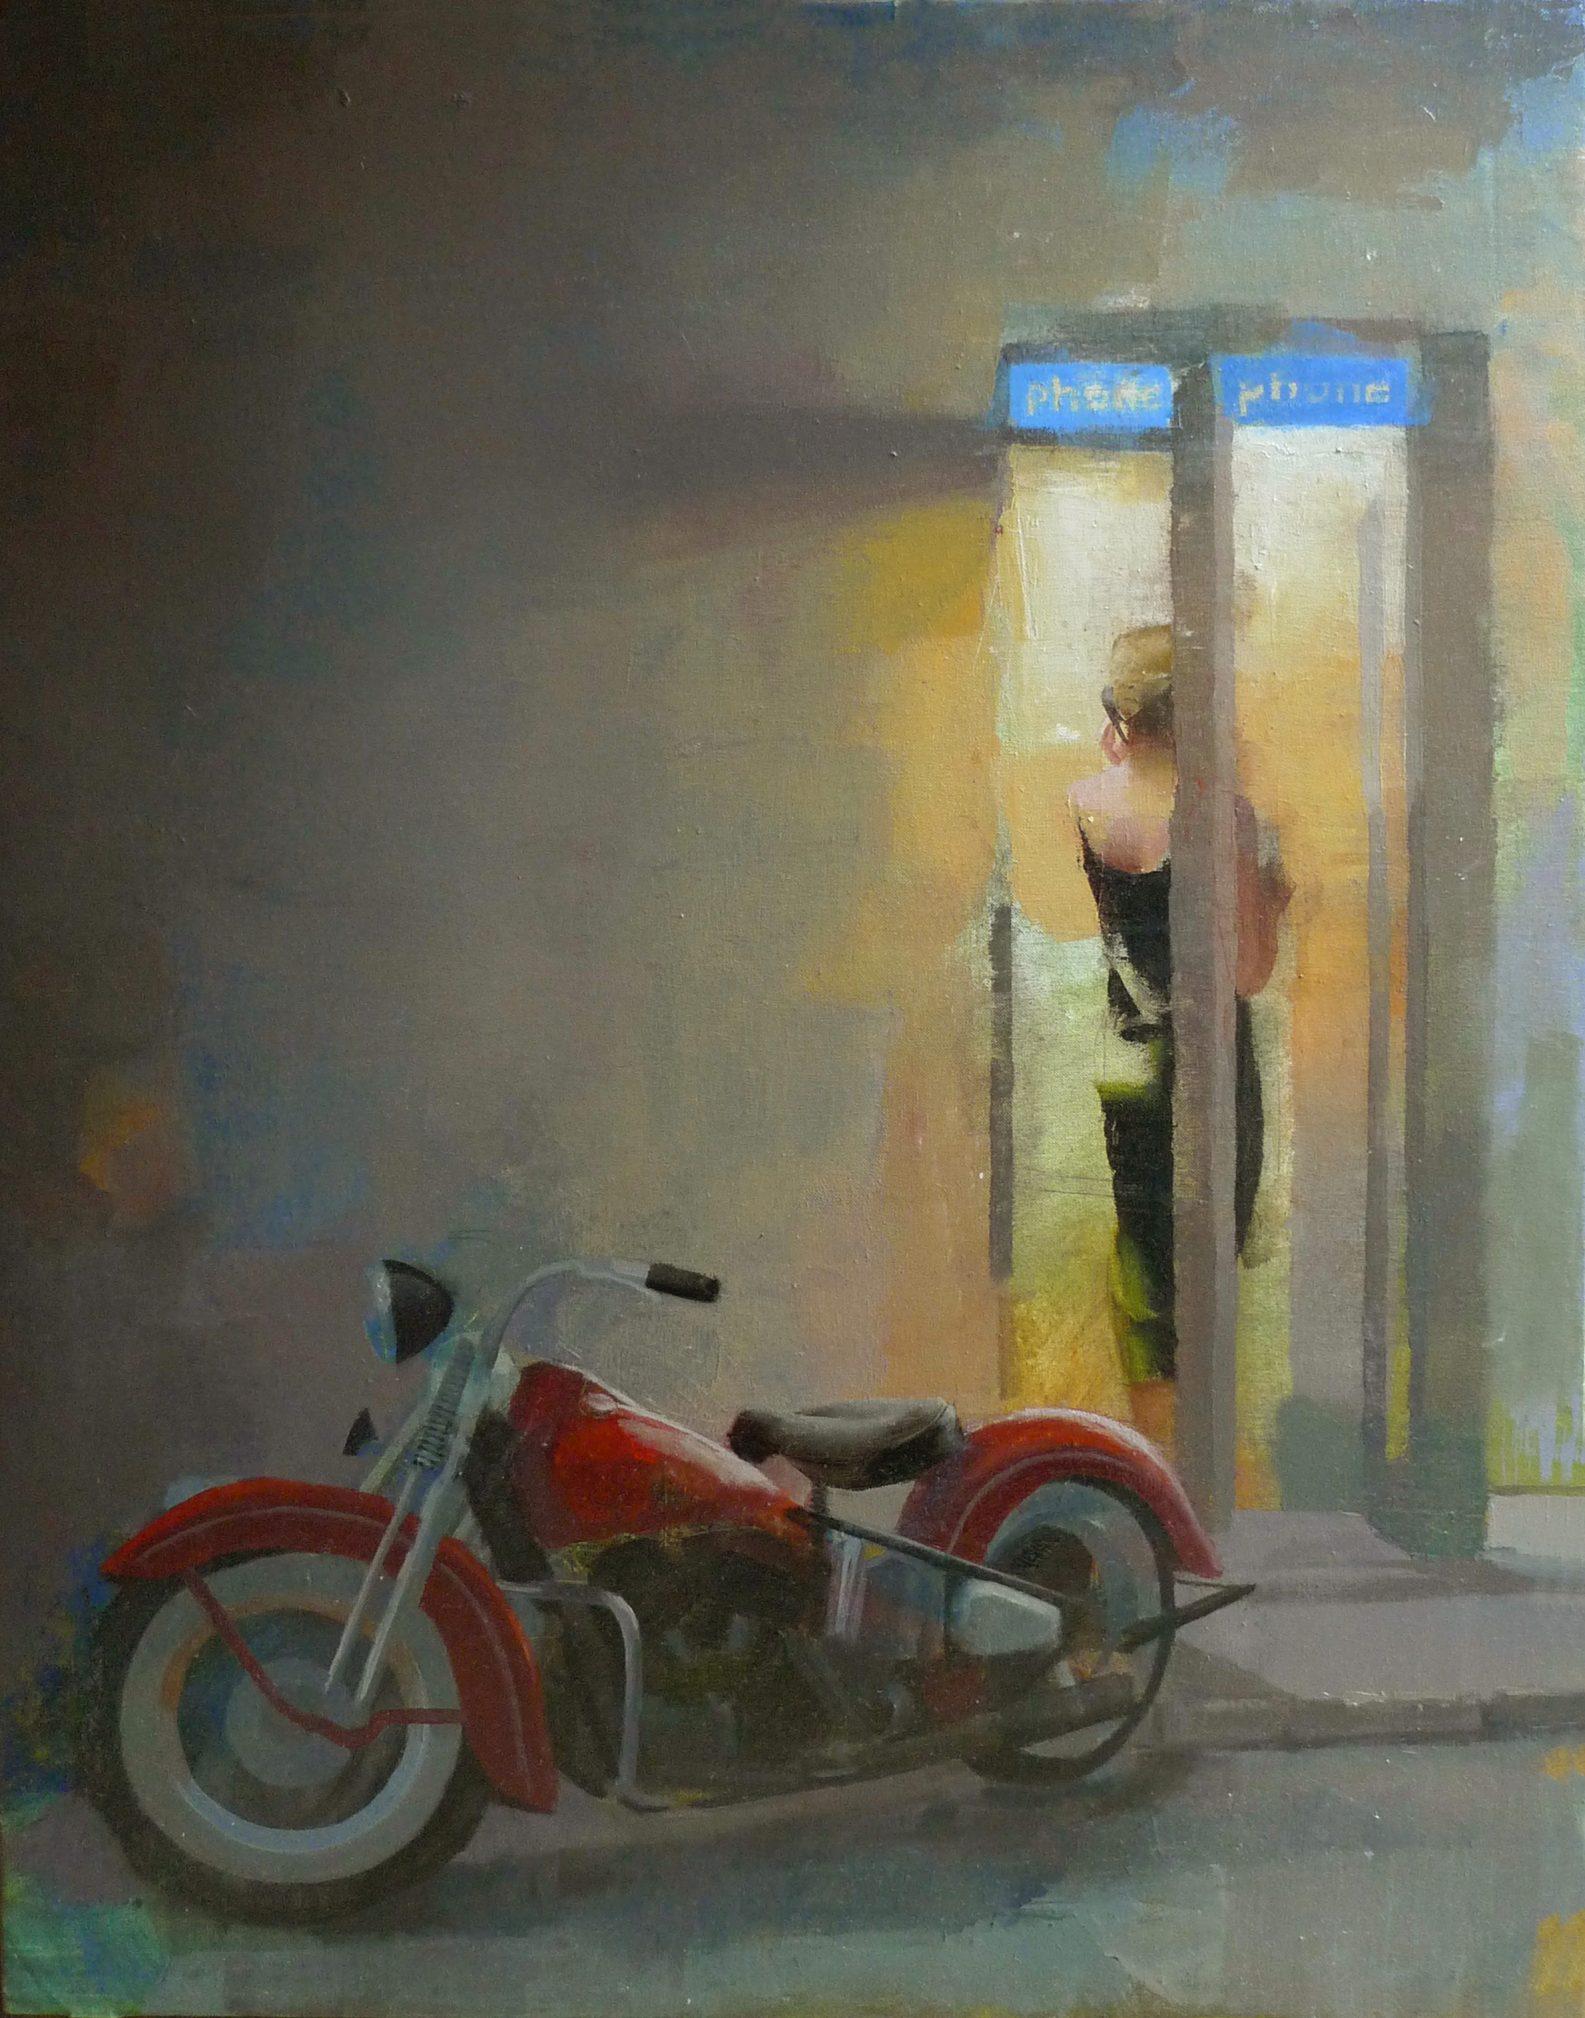 la-llamada-alejandra-caballero-oleo-mujer-hablando-telefono-moto-noche